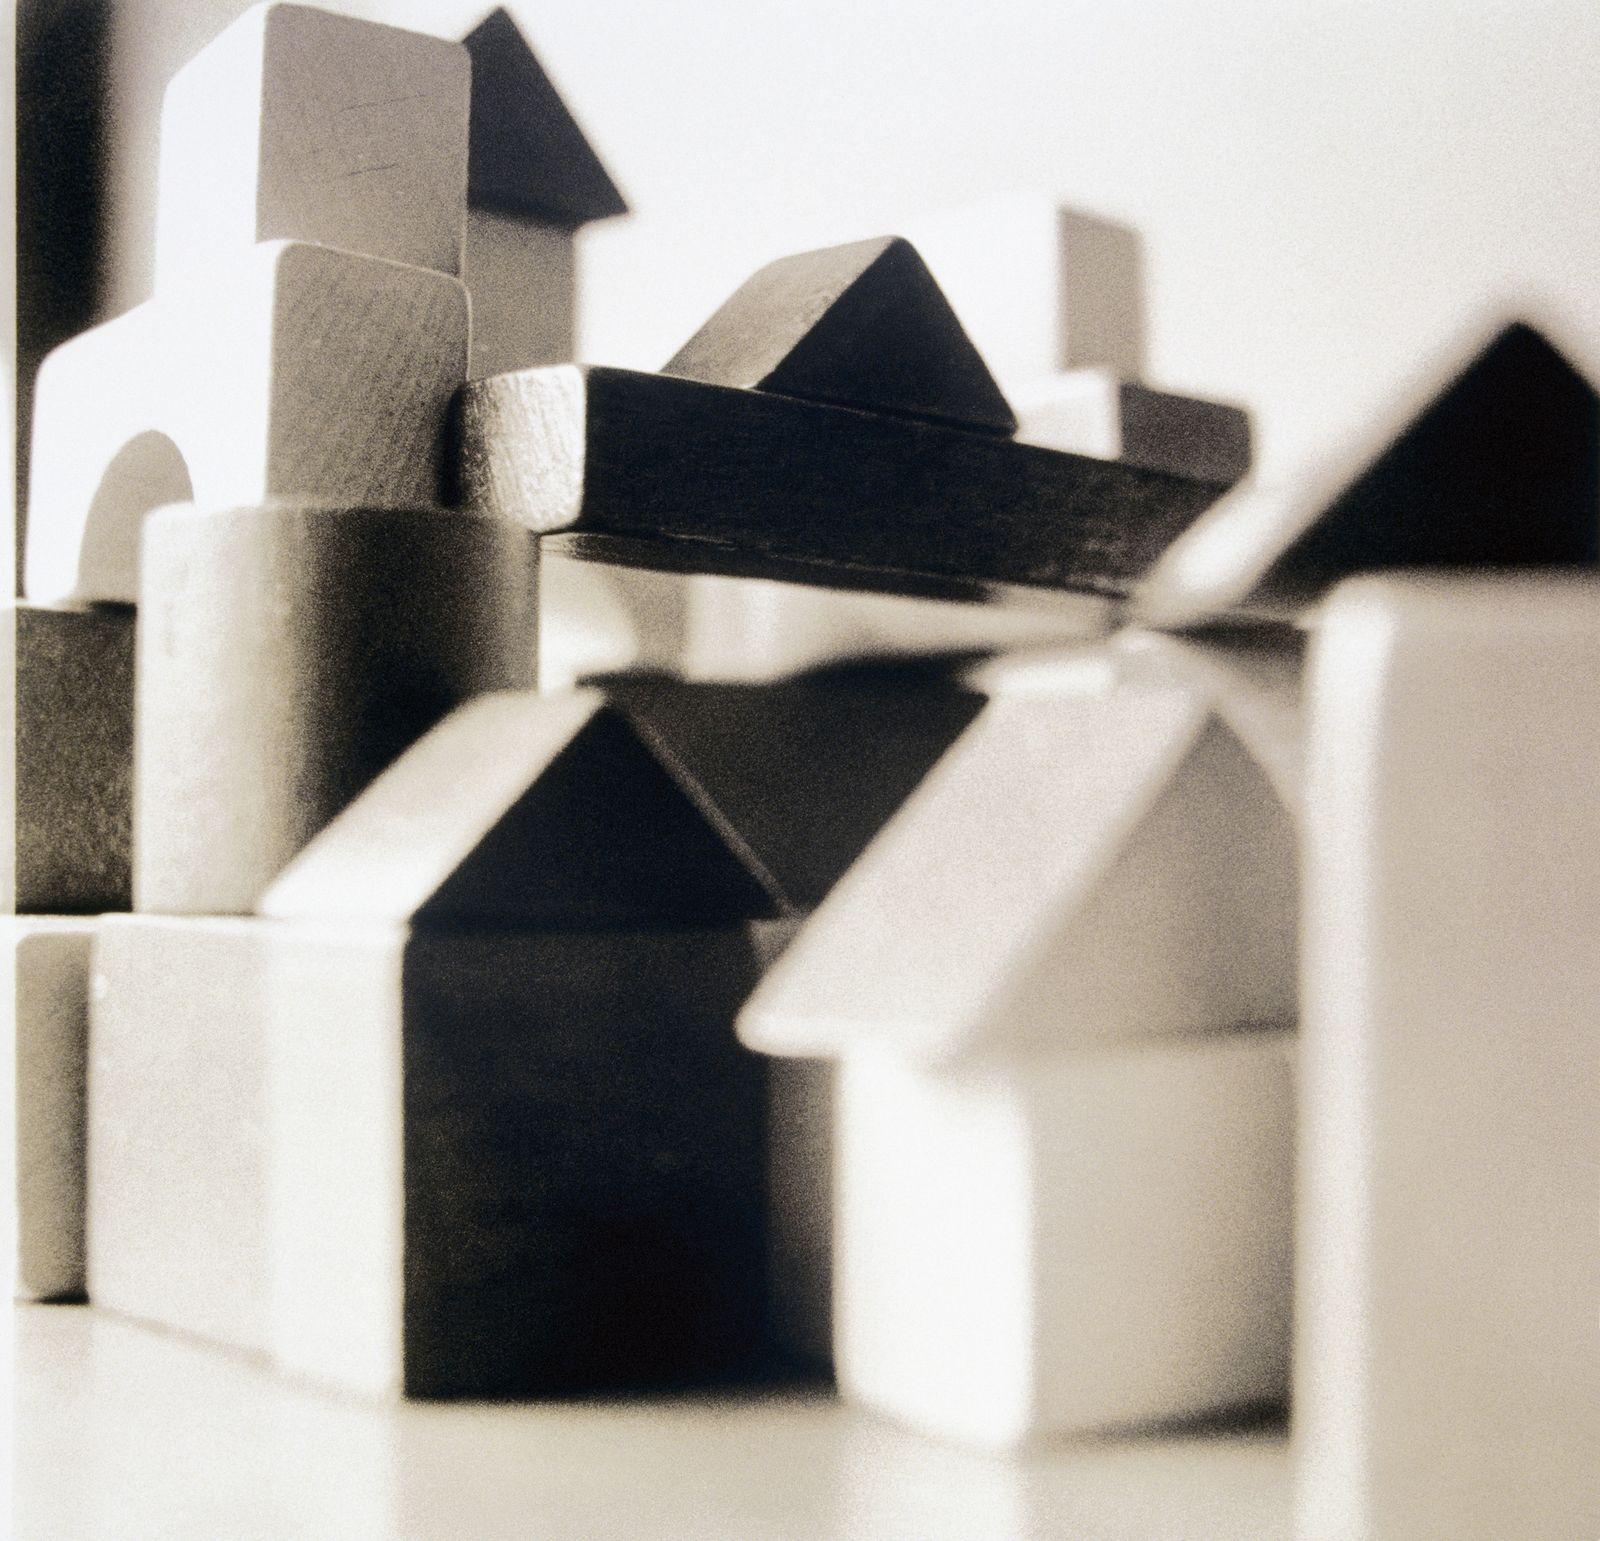 NICHT MEHR VERWENDEN! - Immobilien / Haus/ Geldanlage